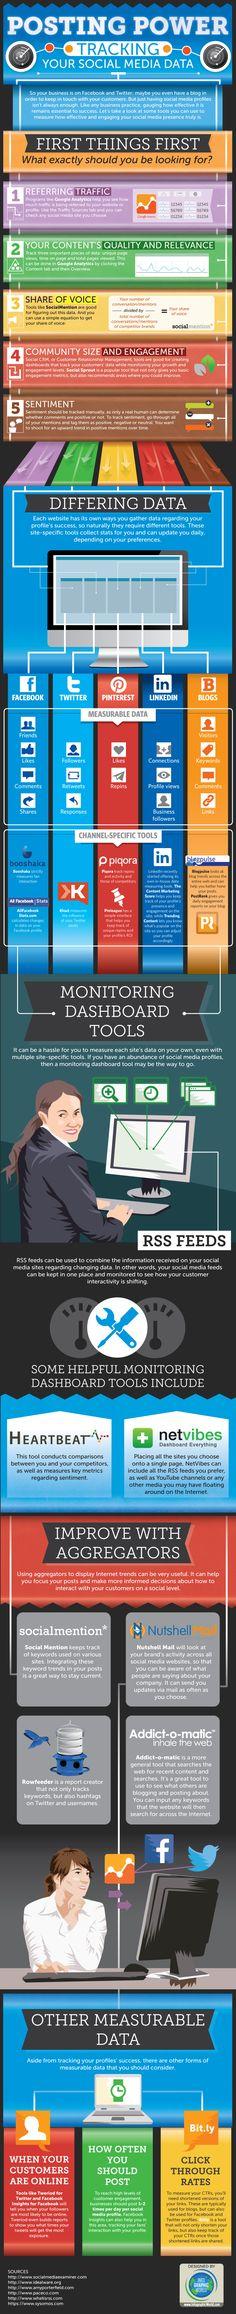 tracking social media marketing